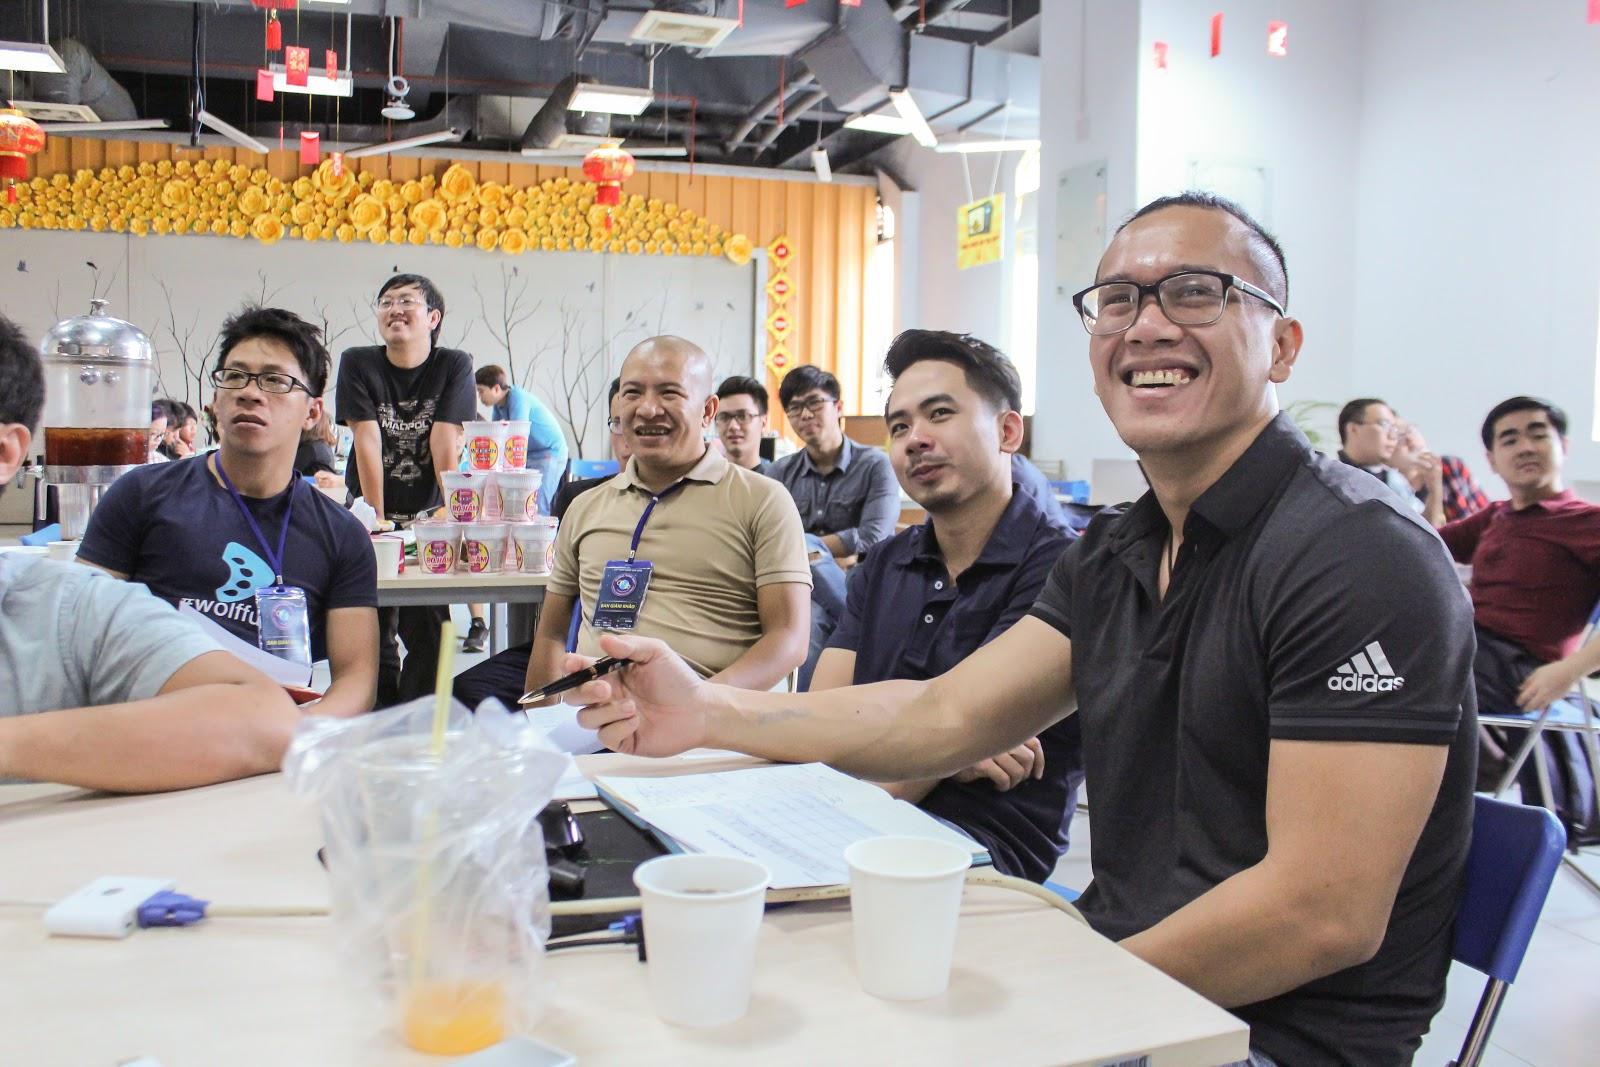 4 thành viên BGK (ngồi từ trái qua): Khánh, Hiếu, Quang và Bửu